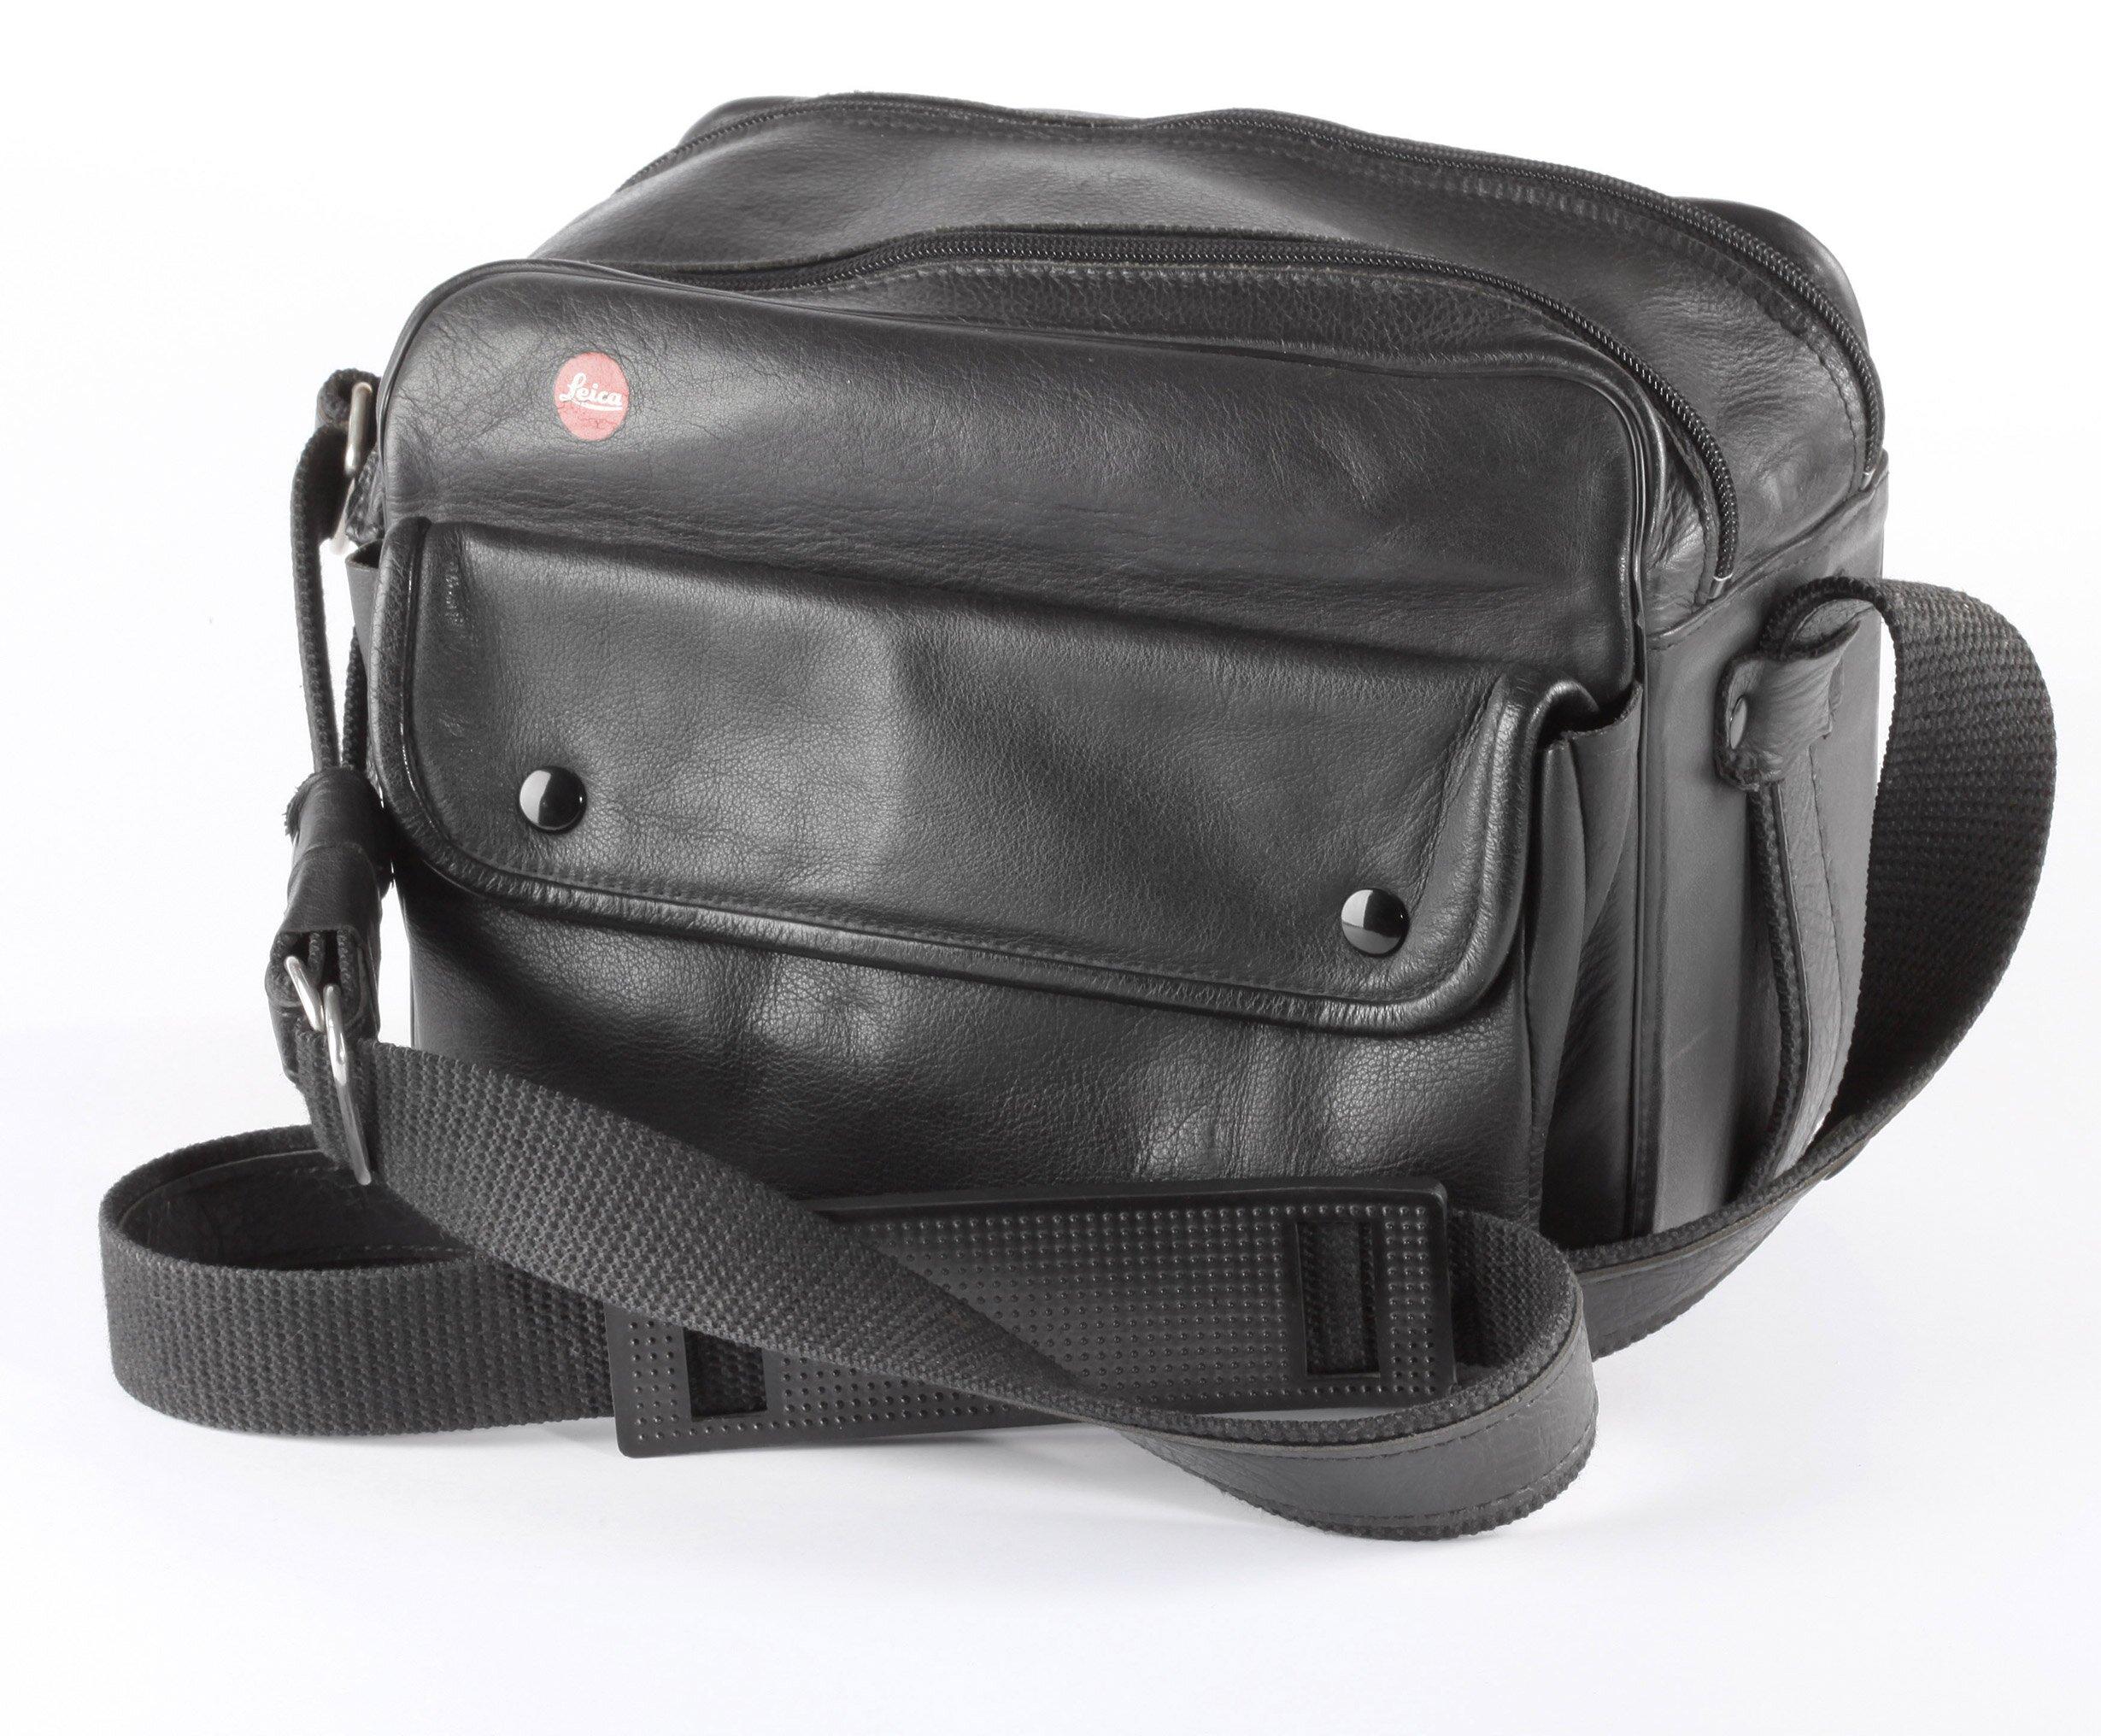 Leica M Systemtasche